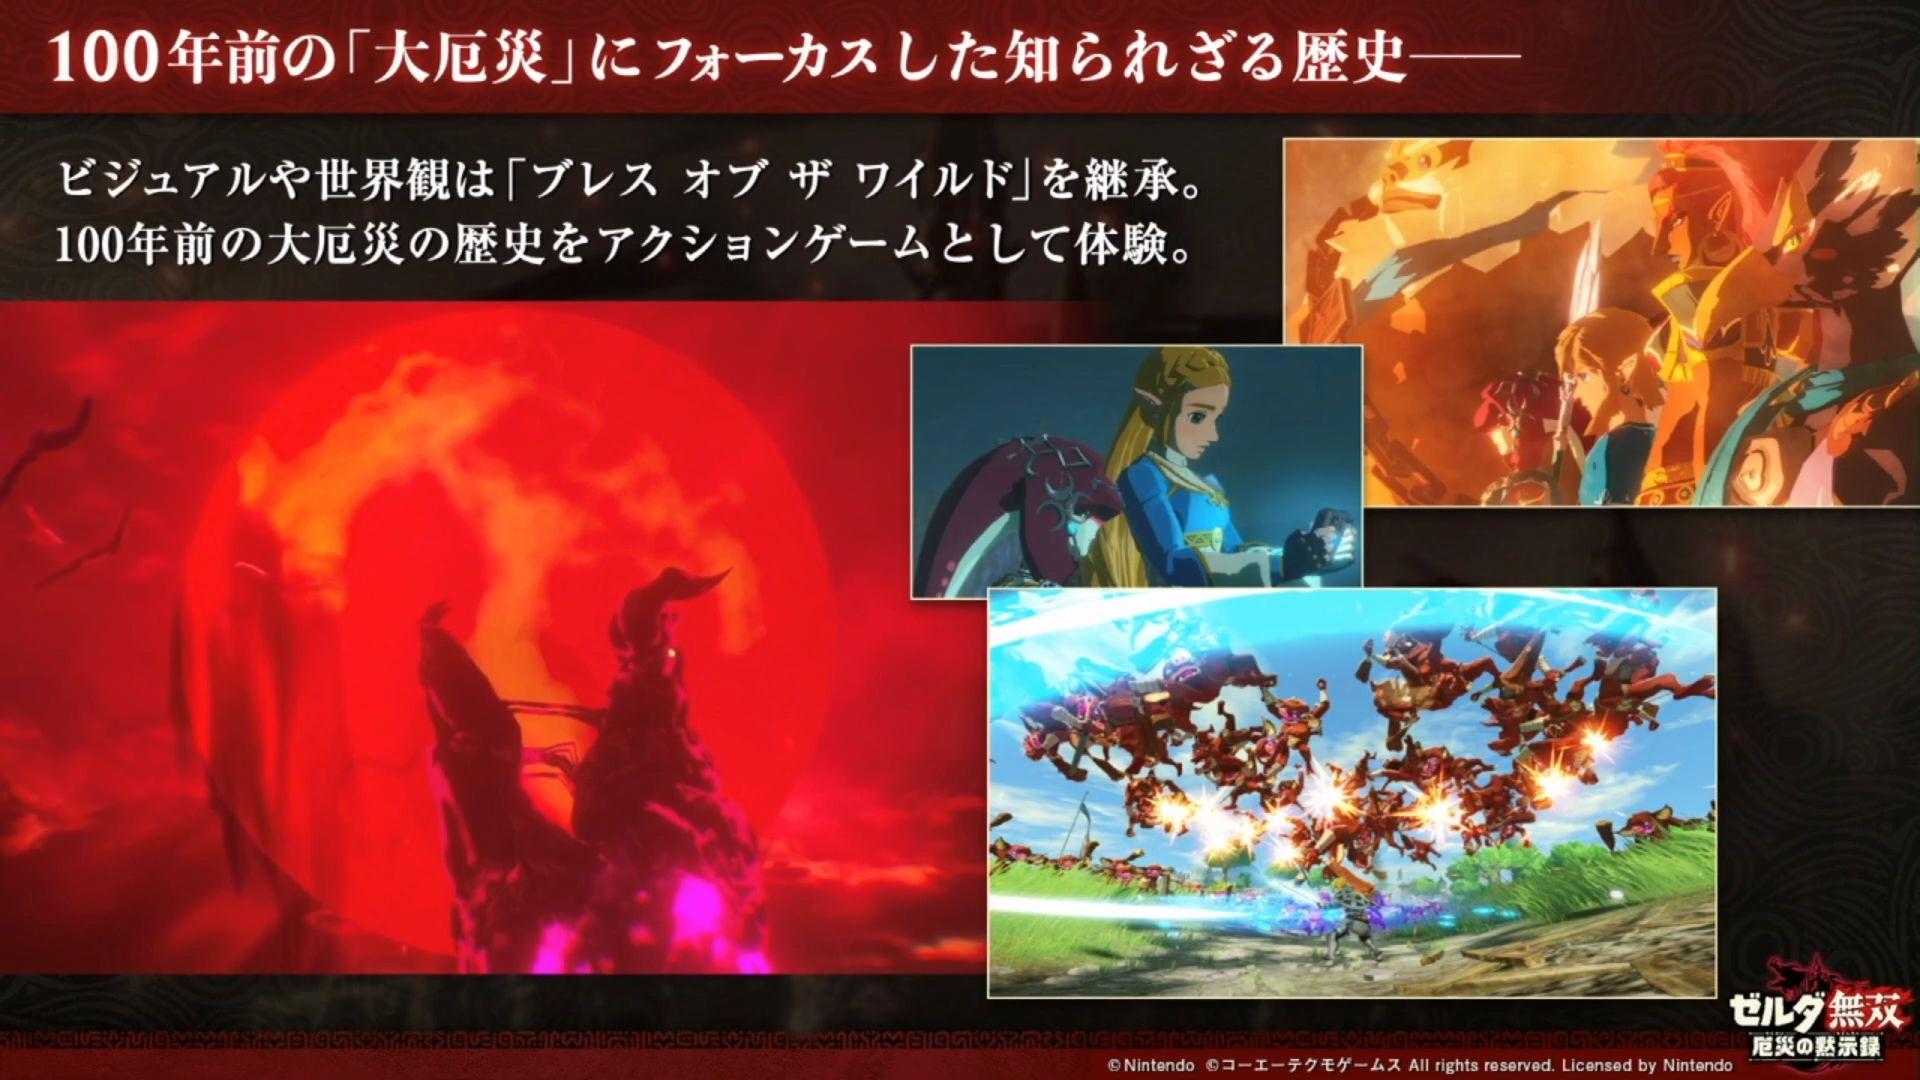 [Màj] Impa sera jouable dans Hyrule Warriors